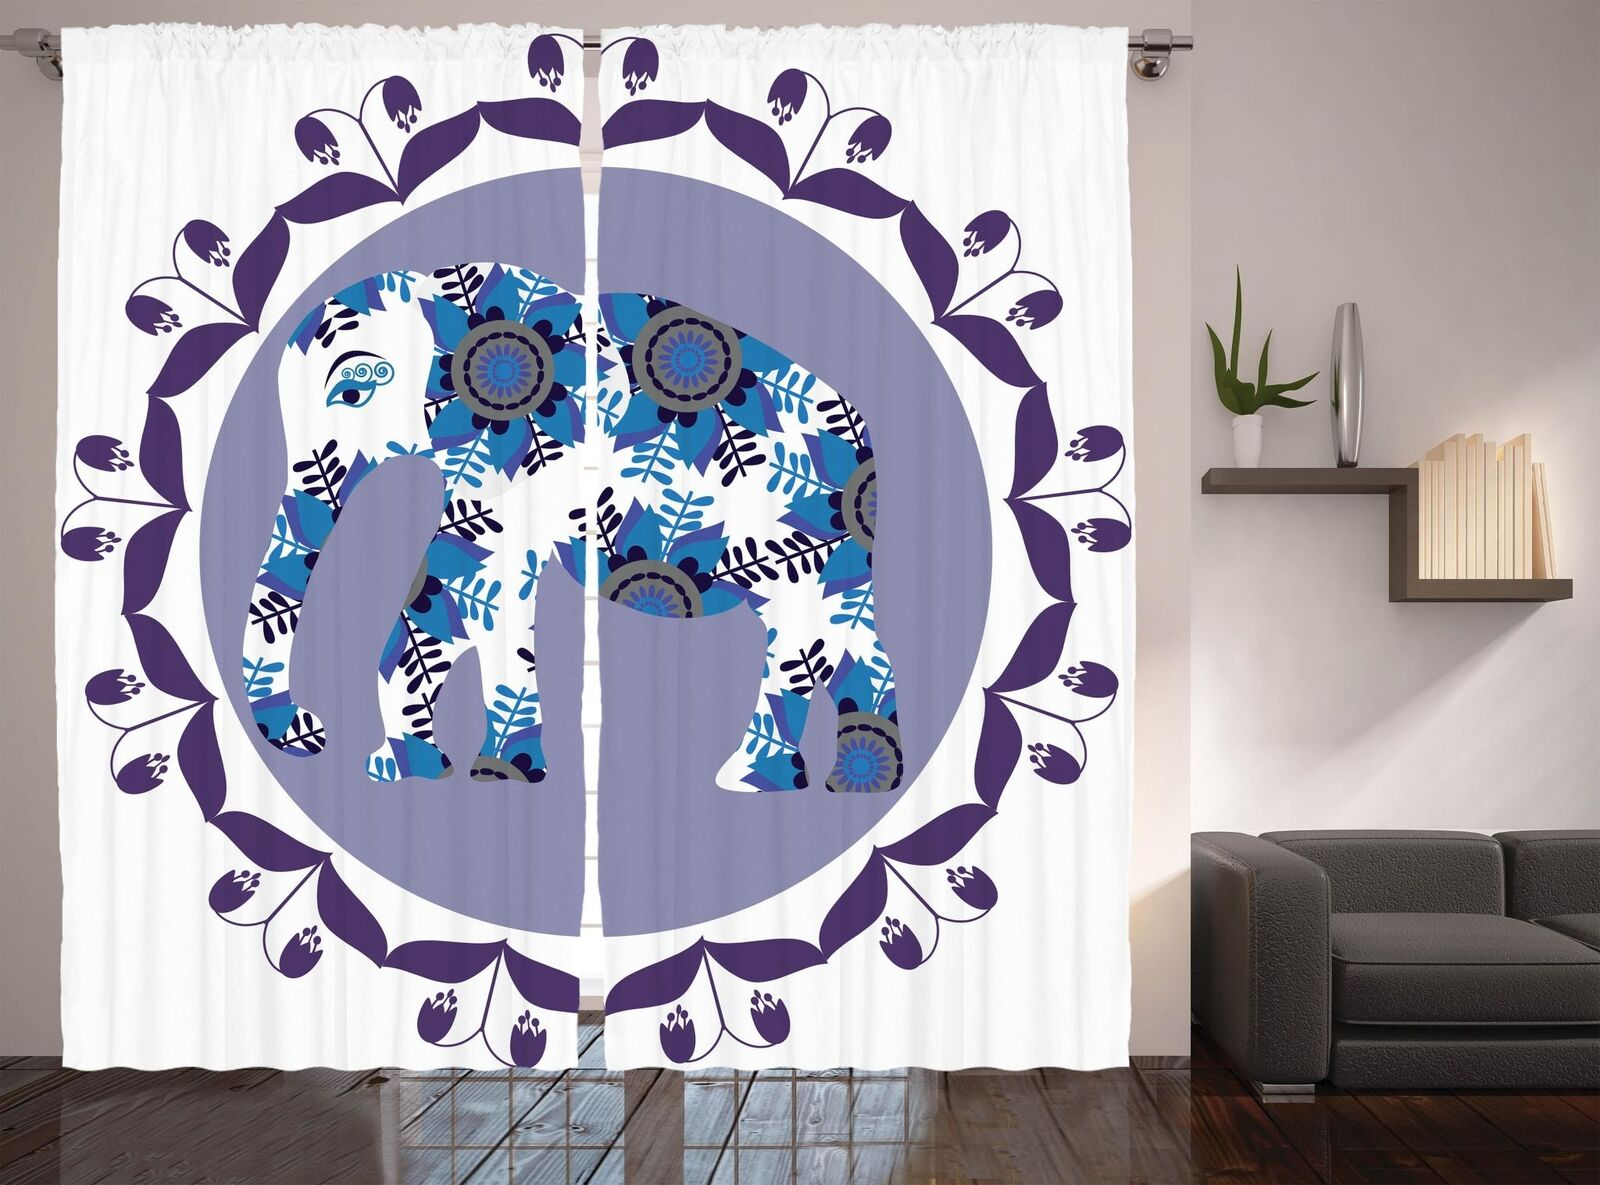 Bohemian Ethnic Curtains Curtains Curtains 2 Panel Set Decoration 5 Größes Window Drapes e3400c